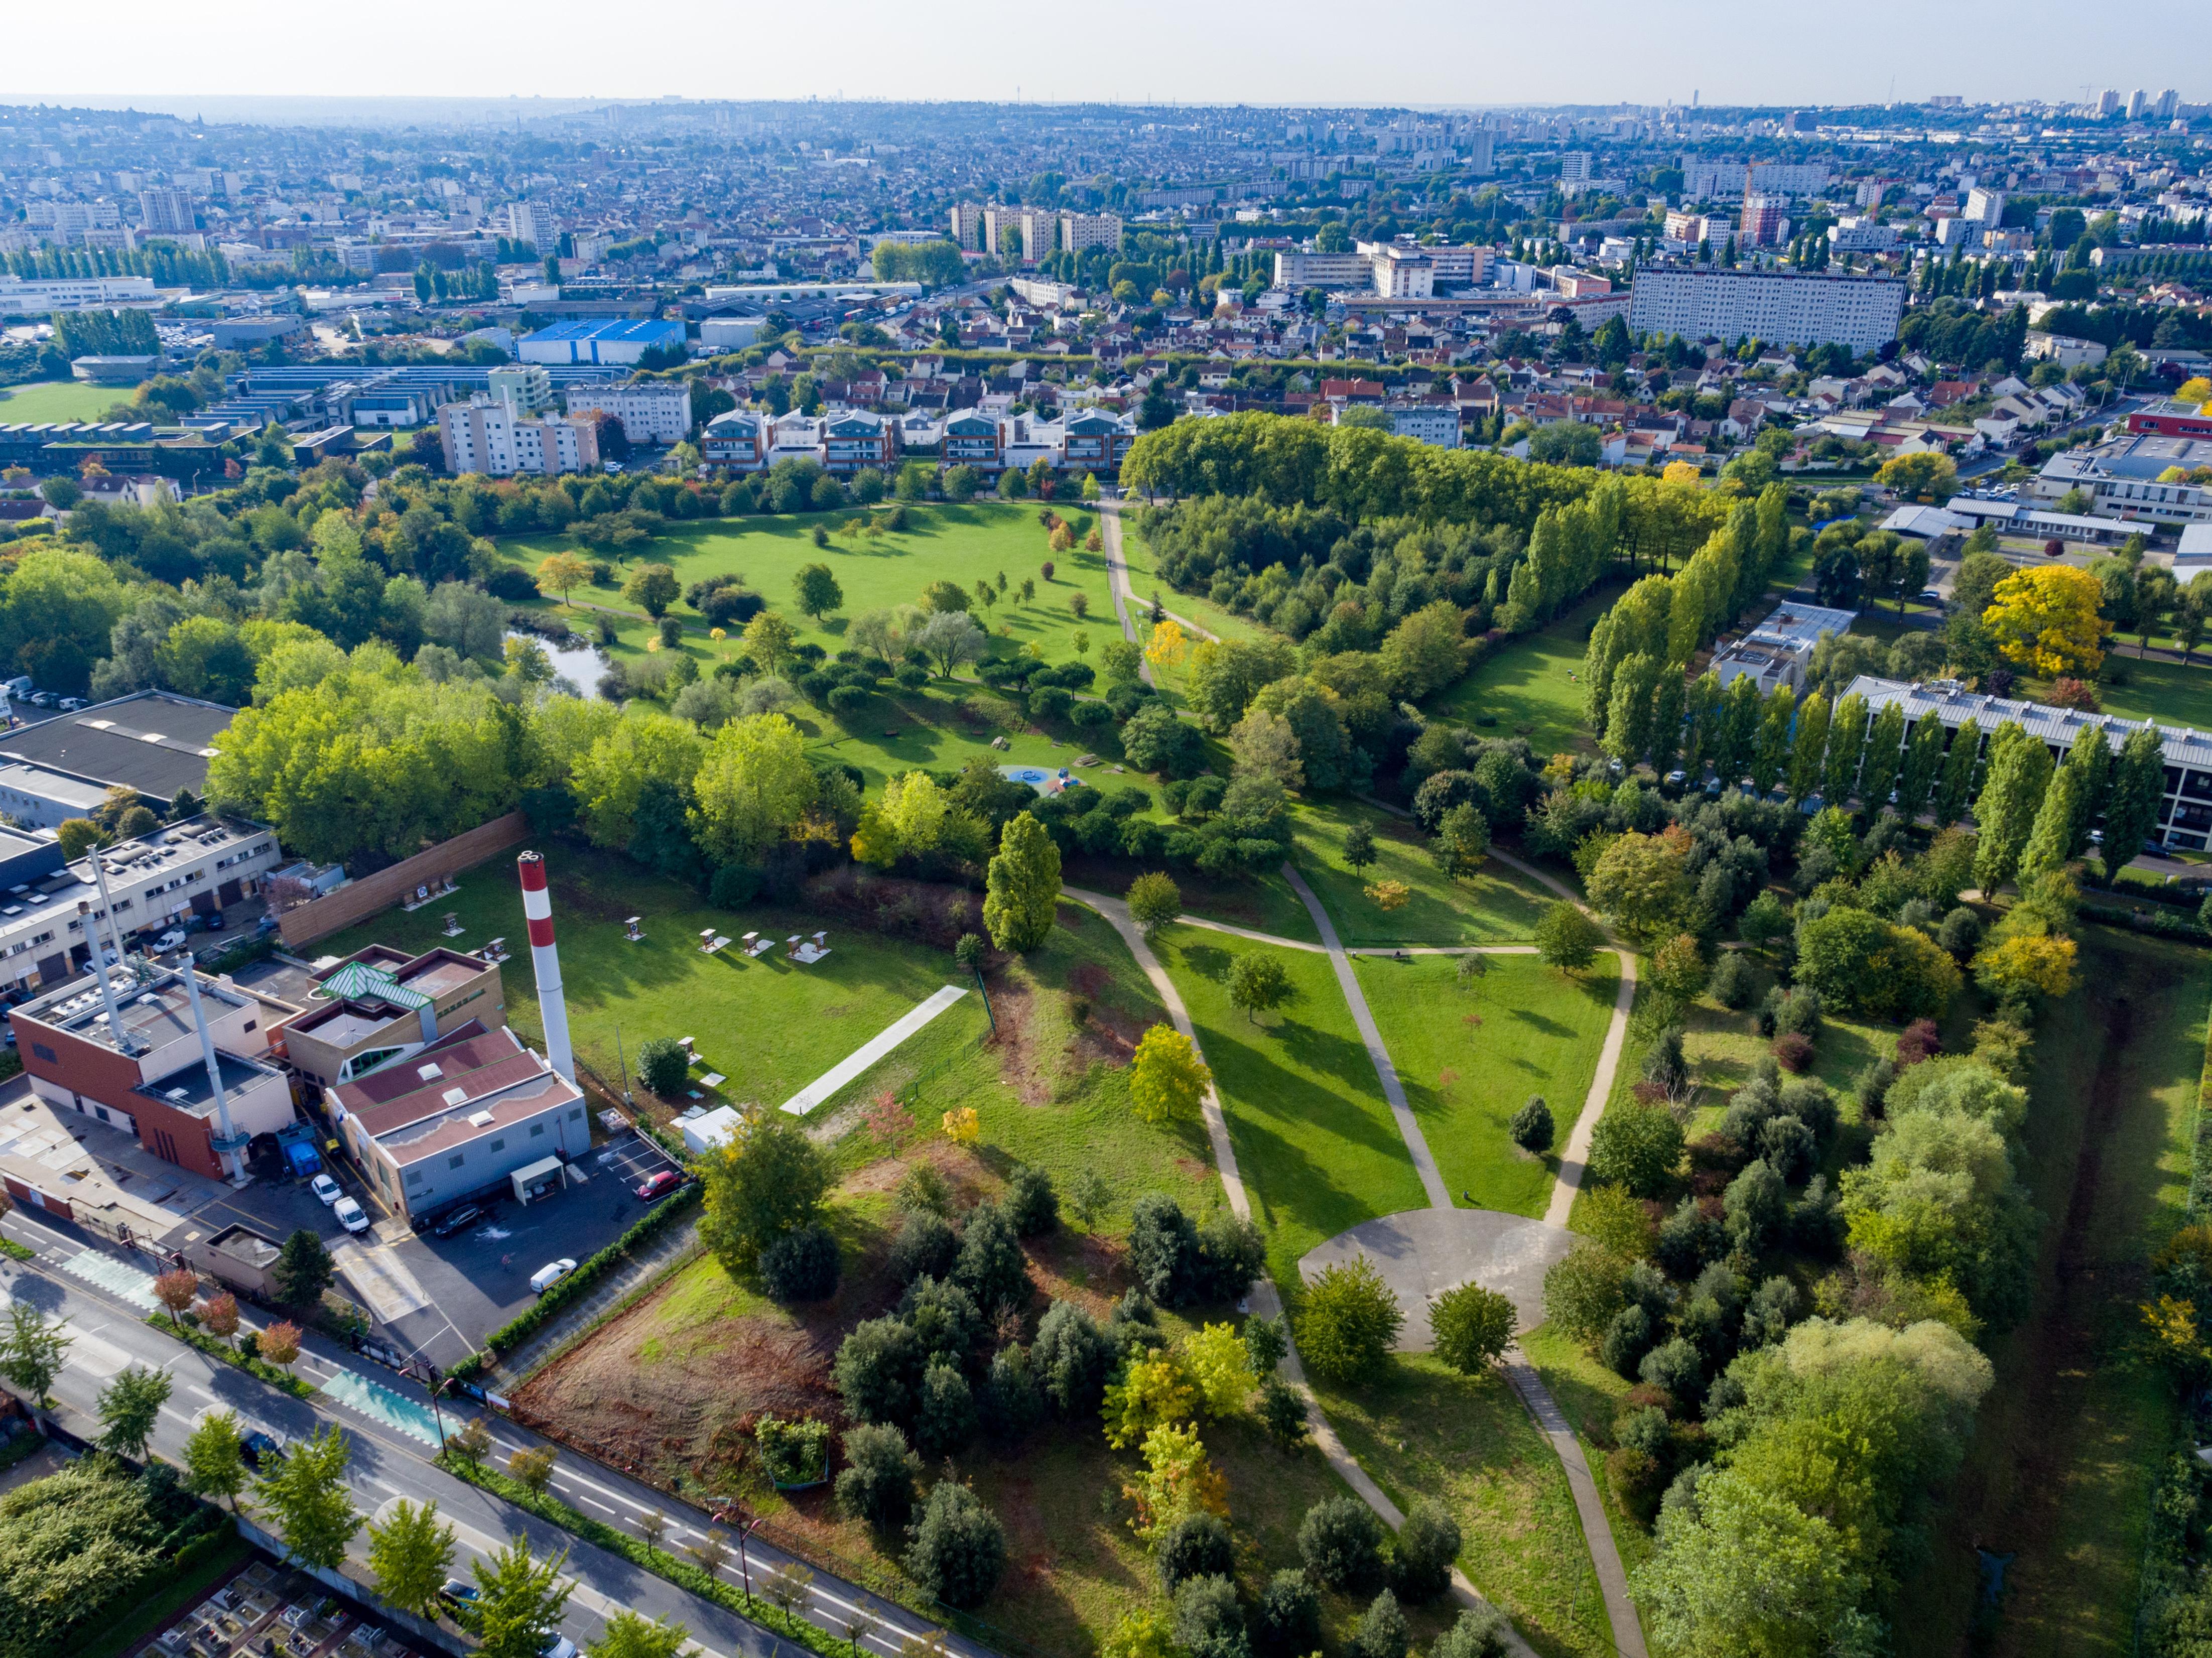 180c2f0087f Bondy compte de nombreux espaces verts répartis dans toute la ville. Le  plus grand